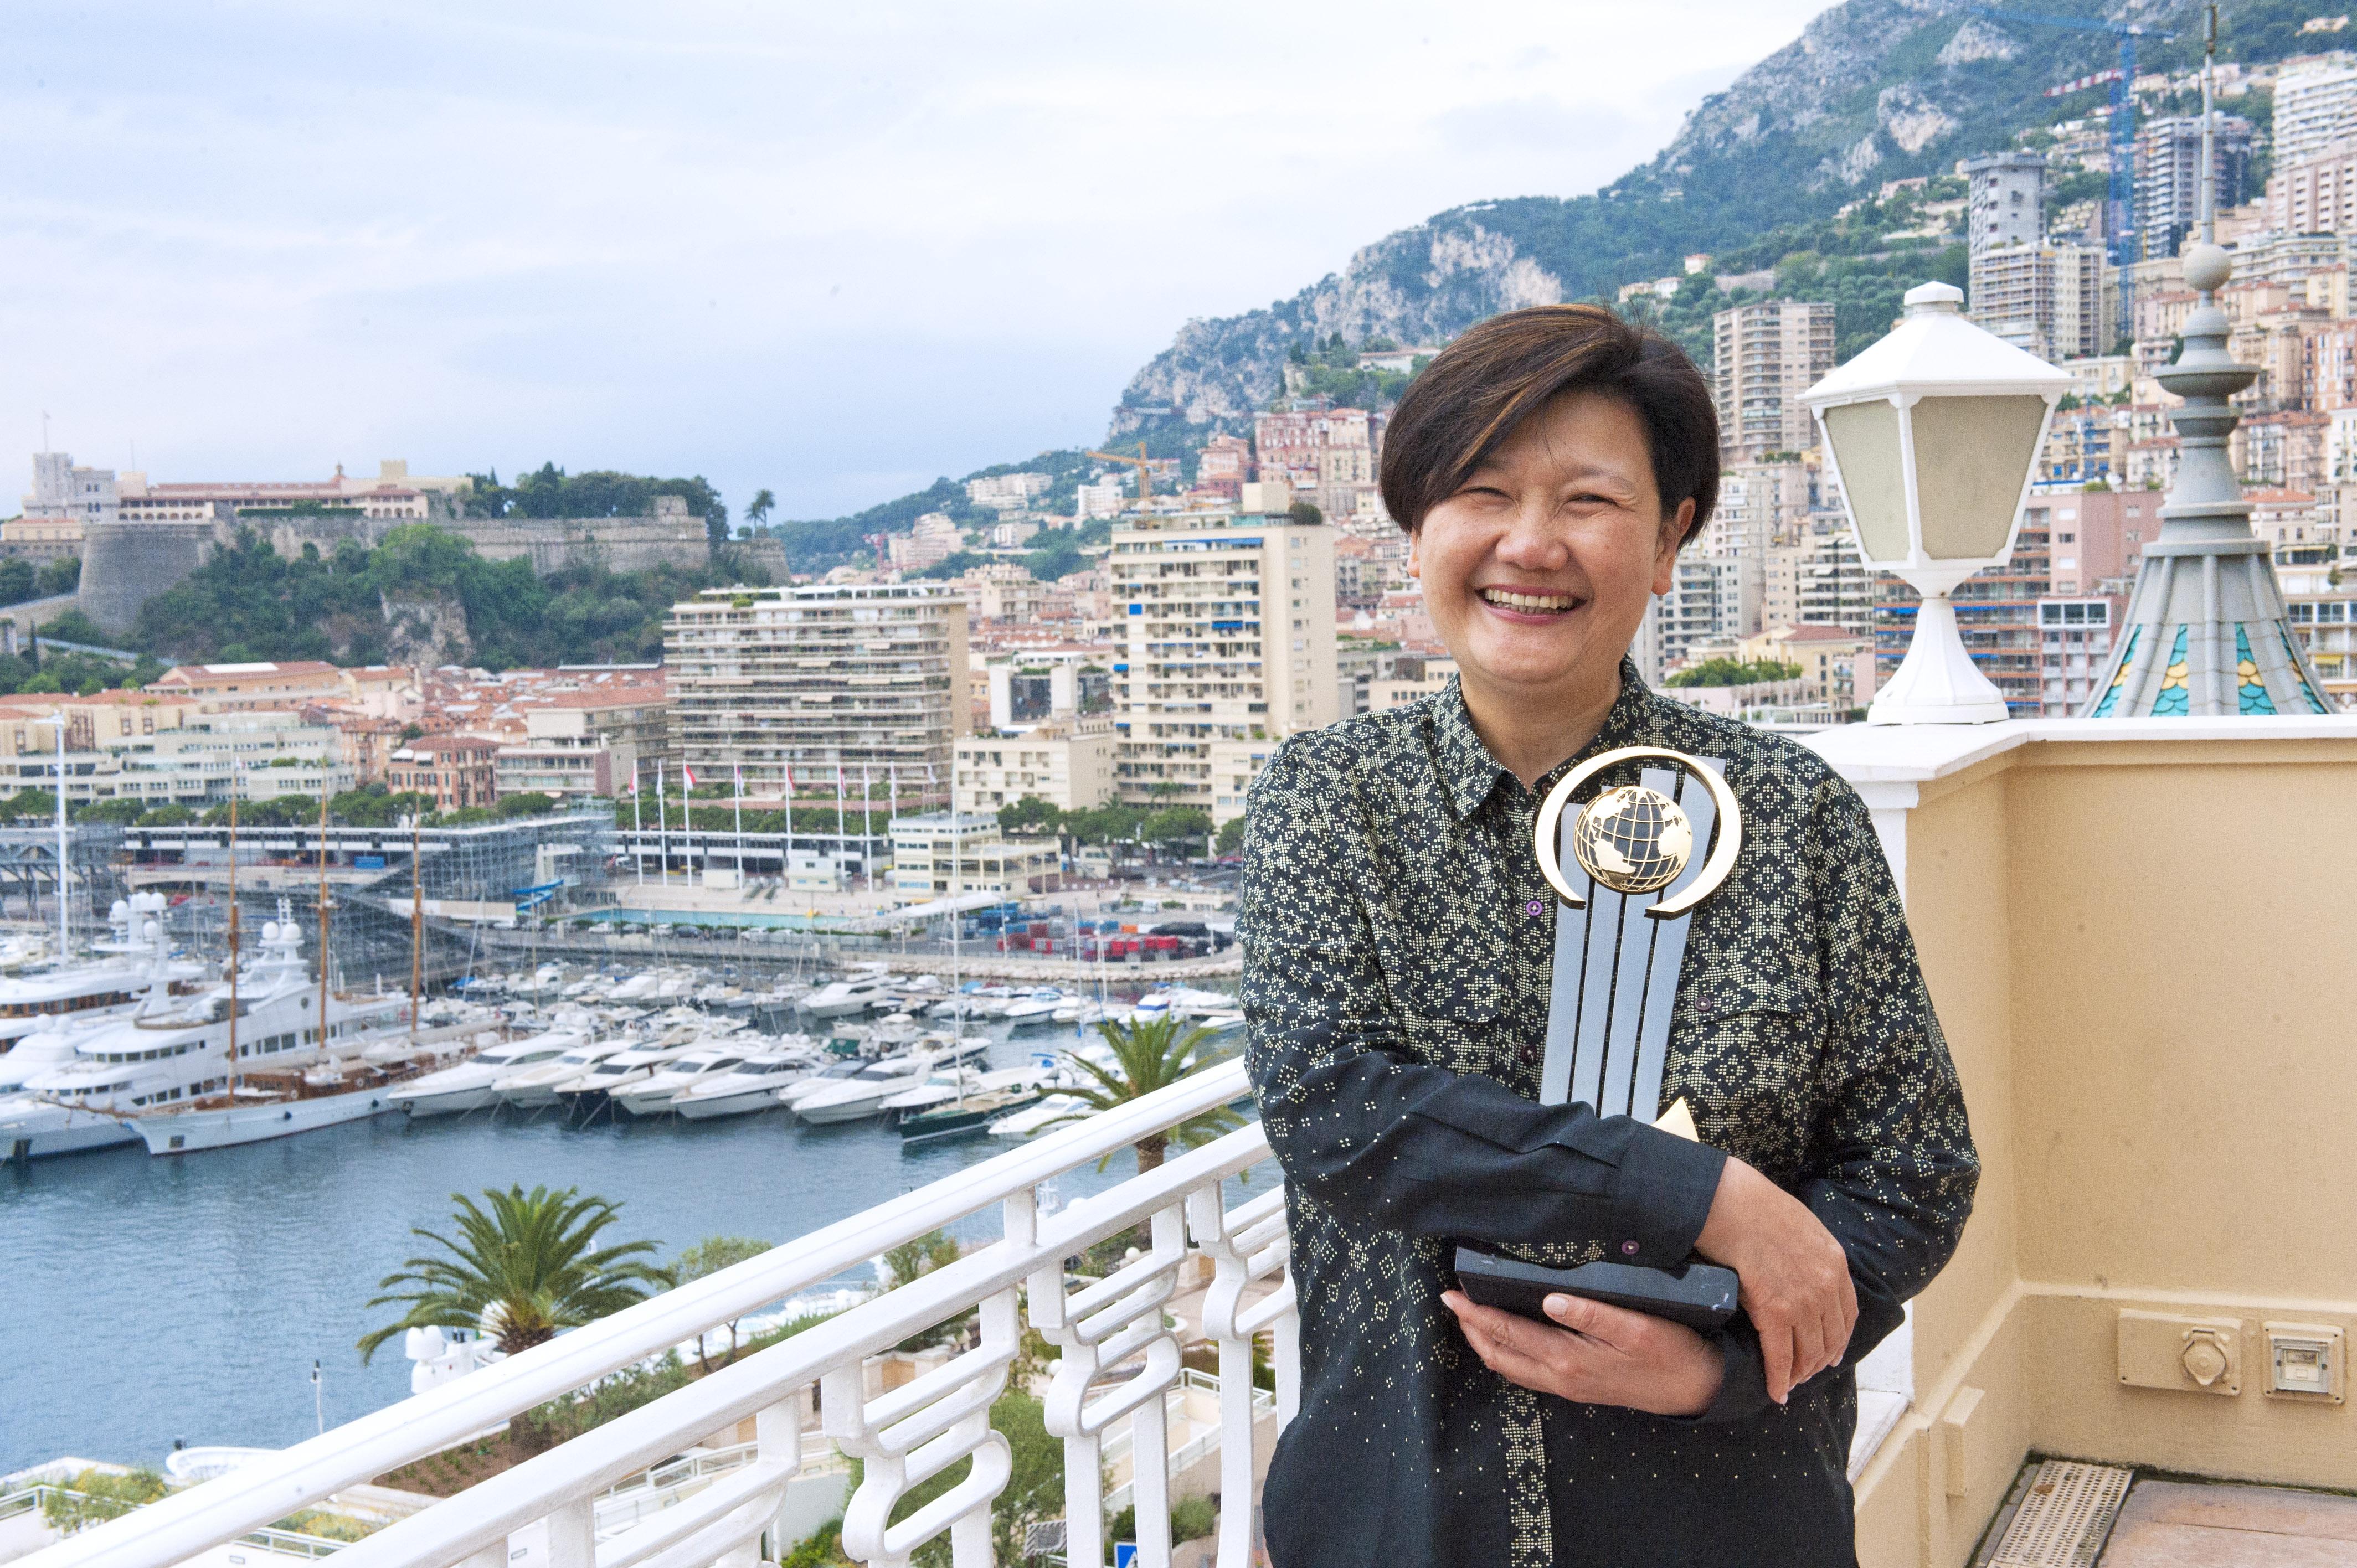 讓人願意為她賭一次的新加坡創業家 – 林愛蓮 Olivia Lim